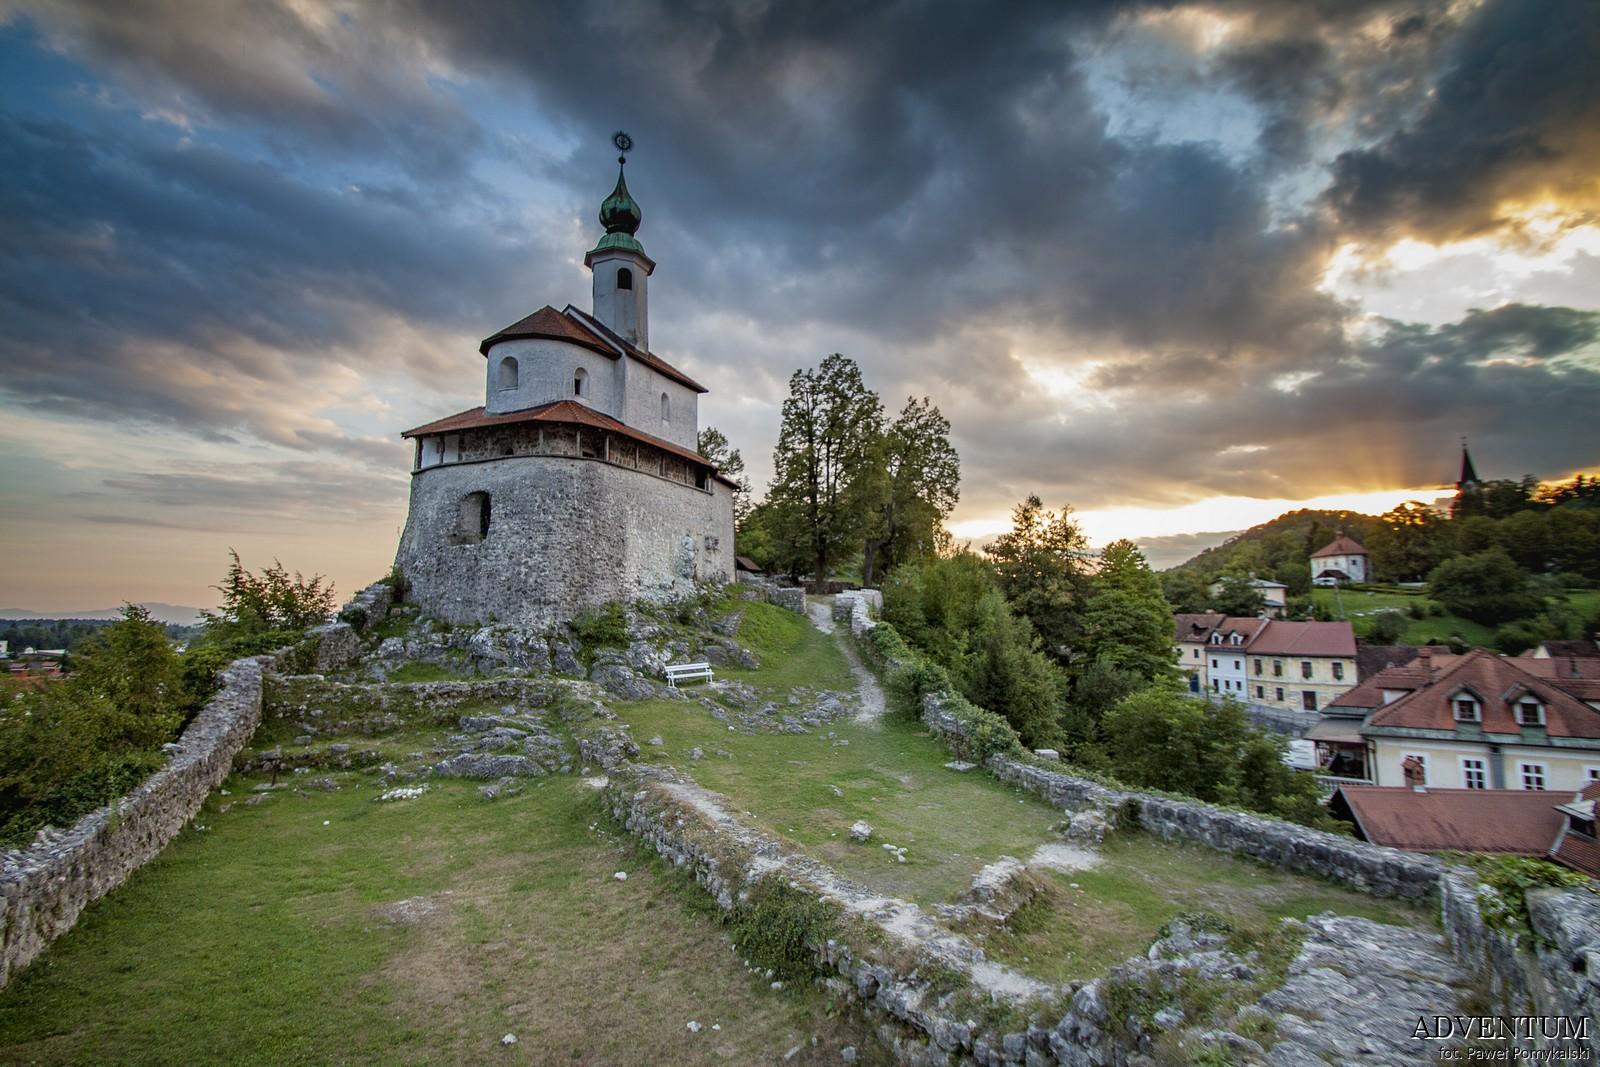 Słowenia Wakacje Atrakcje Zwiedzanie co zobaczyć miasta stolica ljublana maribor piran koper celje